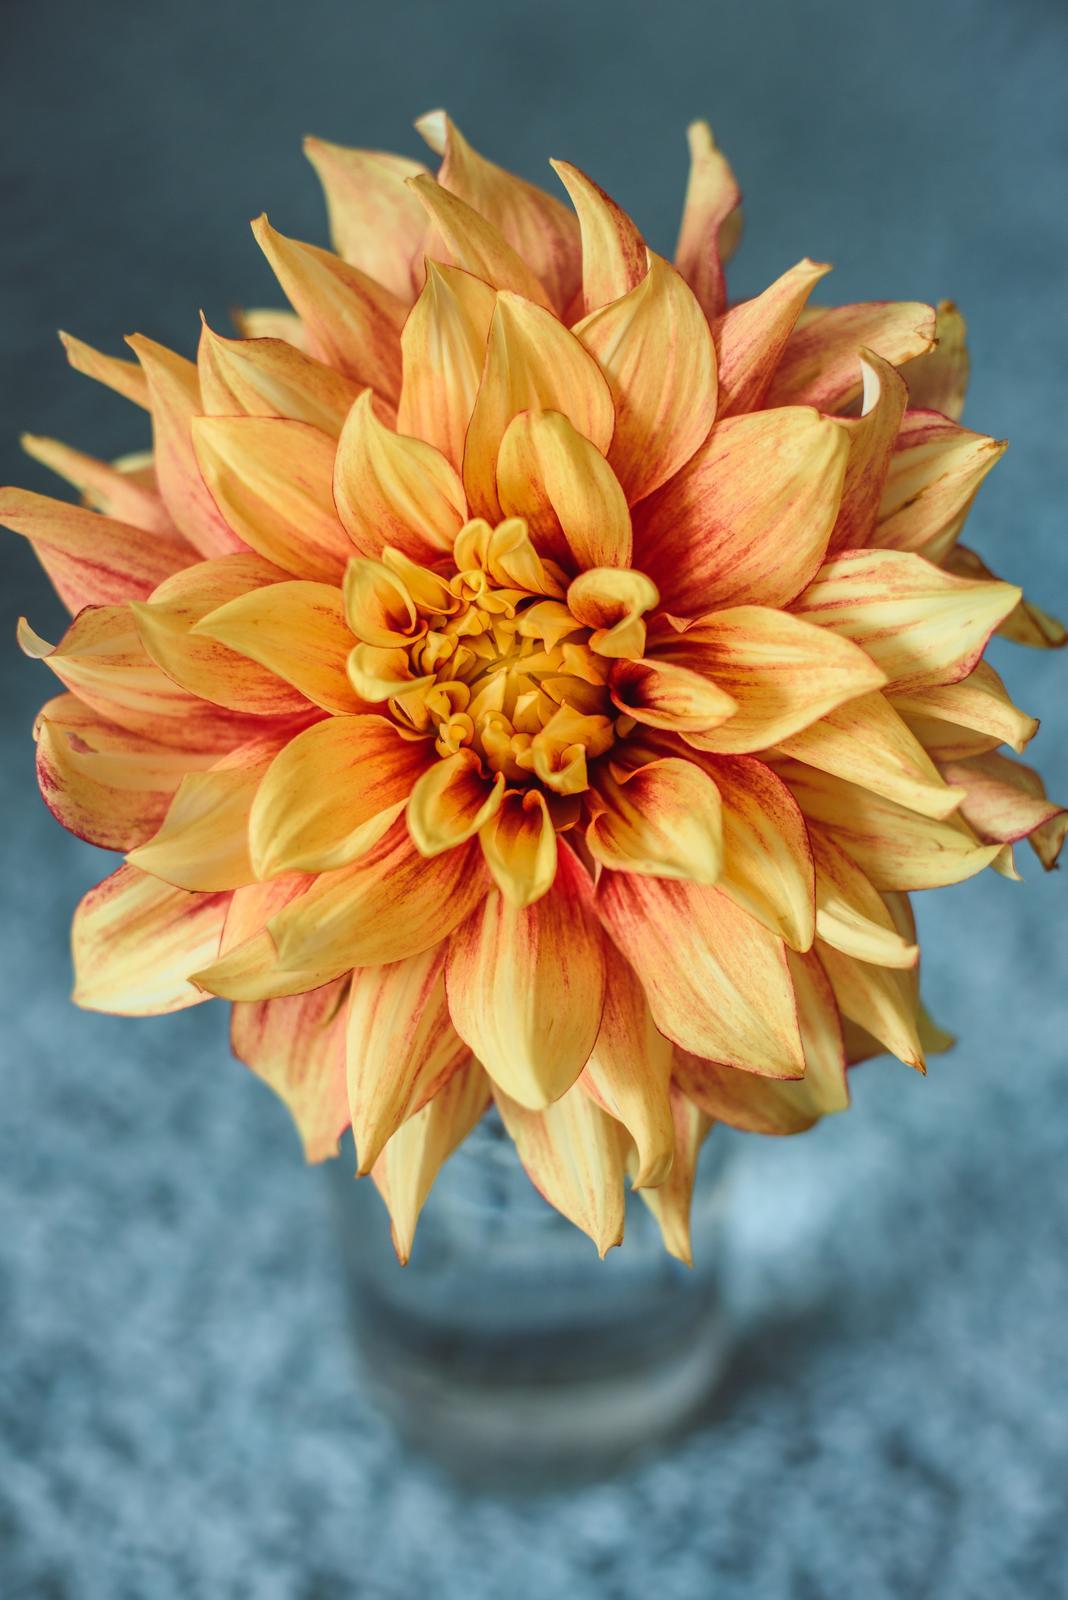 Vo víre kvetov... - Rozkvitla mi ďalšia odroda dálie - zvláštne však je, že túto odrodu som nekupovala, čiže som na ňu musela niekde natrafiť tak, že ju omylom zabalili pod iným menom. :-D ale som spokojná aj tak - tento kvet má v priemere až 17 cm